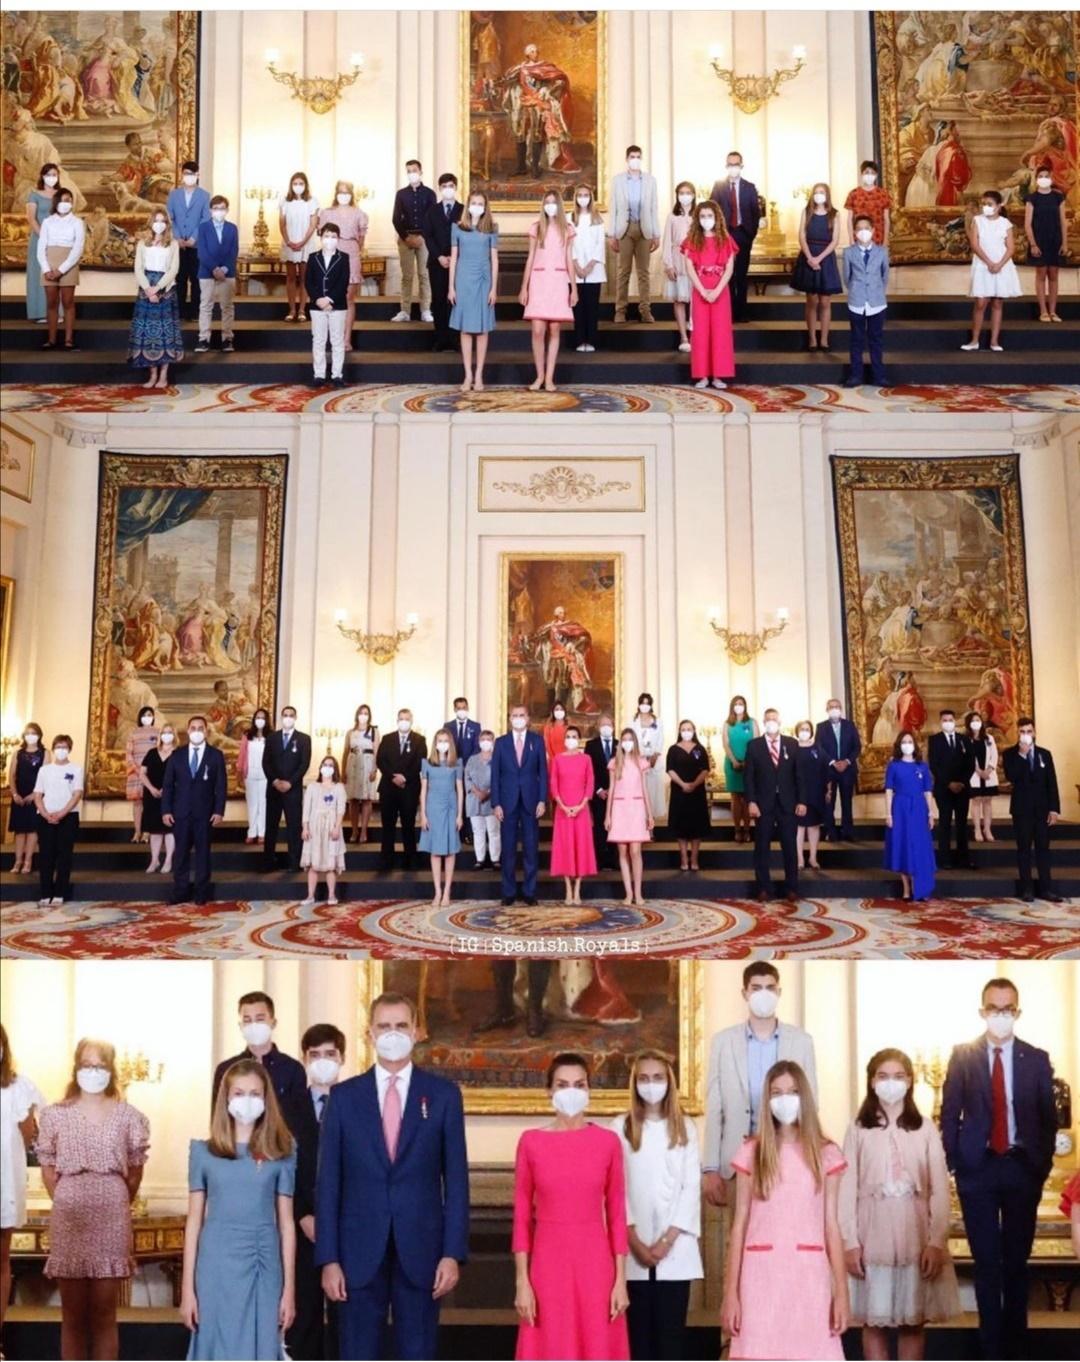 حفل خاص بمناسبة تولي الملك فيليب الحكم في القصر الملكي في مدريد- الصورة من حساب Spanish royals على إنستغرام.jpg